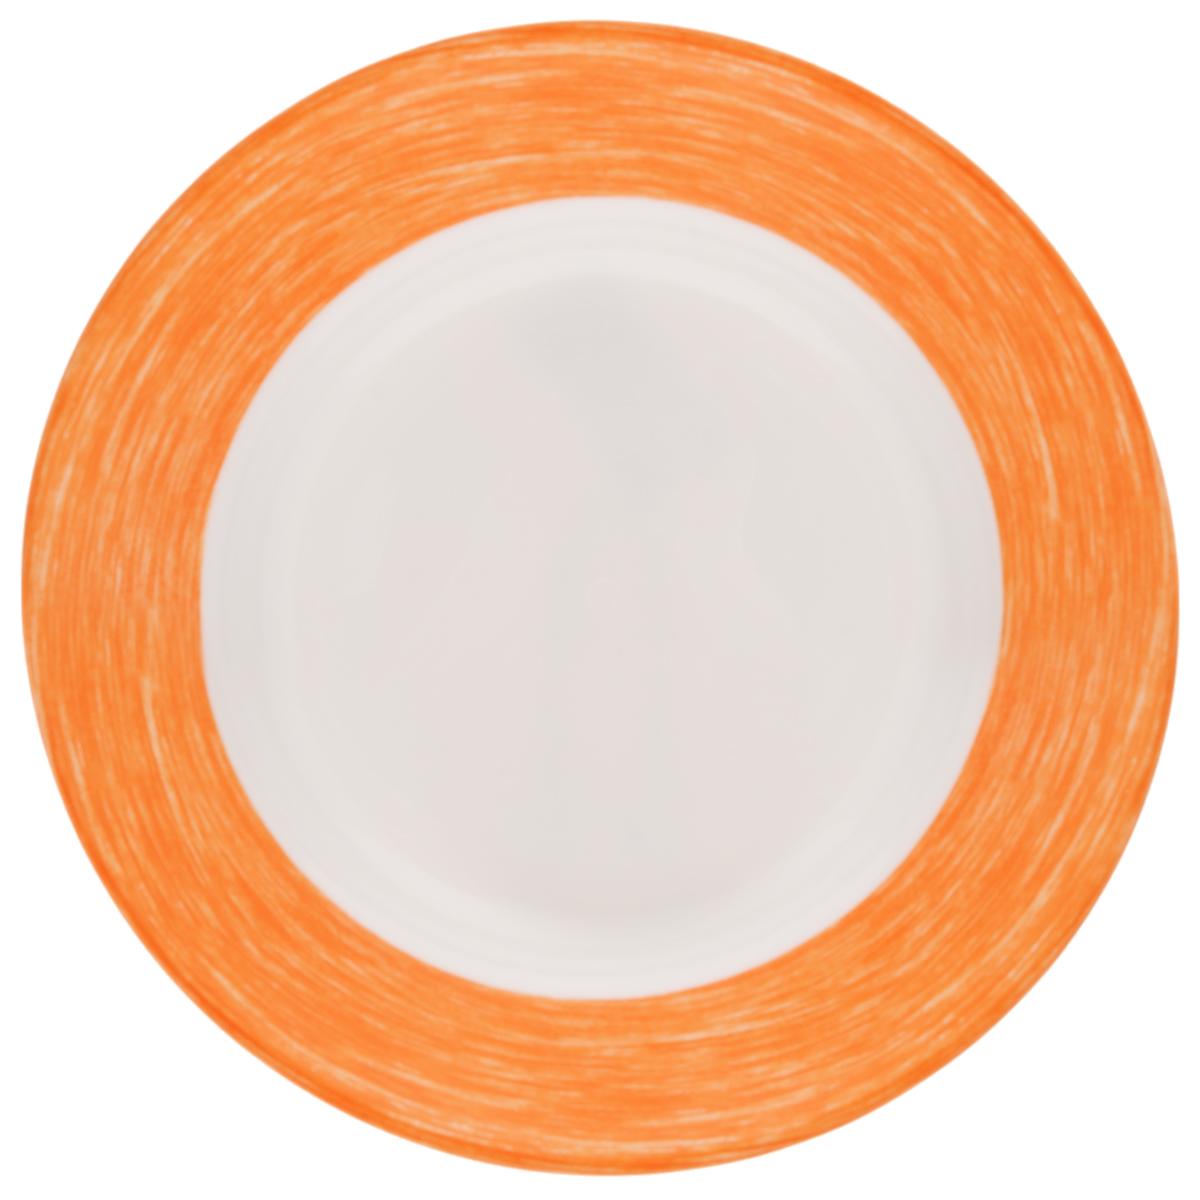 Тарелка глубокая Luminarc Color Days Orange, диаметр 22 смFS-91909Глубокая тарелка Luminarc Color Days Orange выполнена из ударопрочного стекла и имеет классическую круглую форму. Она прекрасно впишется в интерьер вашей кухни и станет достойным дополнением к кухонному инвентарю. Тарелка Luminarc Color Days Orange подчеркнет прекрасный вкус хозяйки и станет отличным подарком. Диаметр тарелки (по верхнему краю): 22 см.